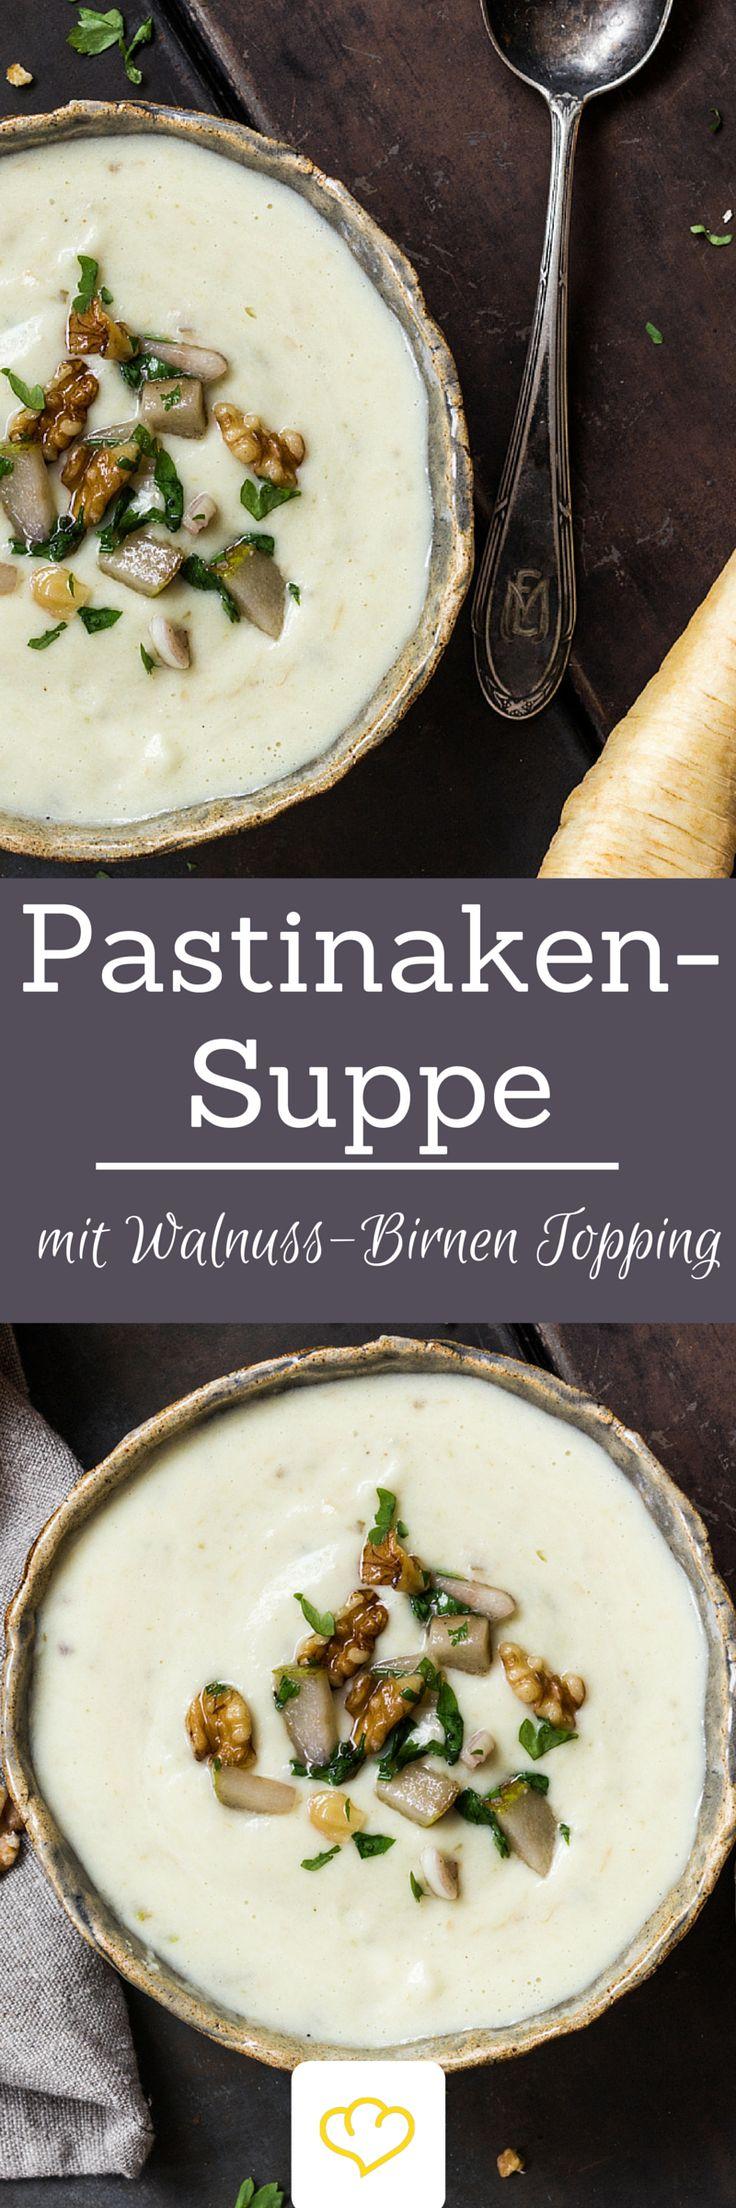 Pastinakensuppe mit Walnuss-Birnen-Topping